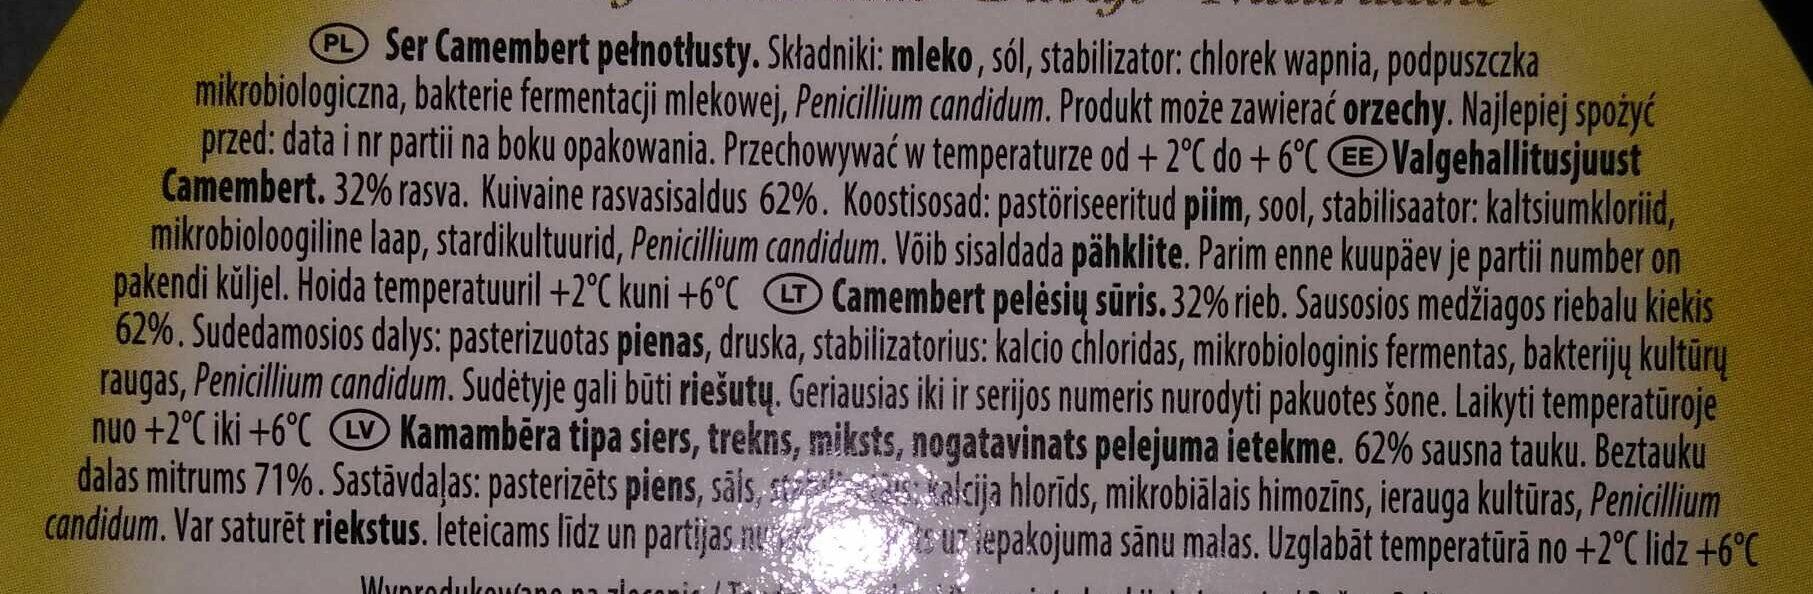 Ser Camembert pełnotłusty - Składniki